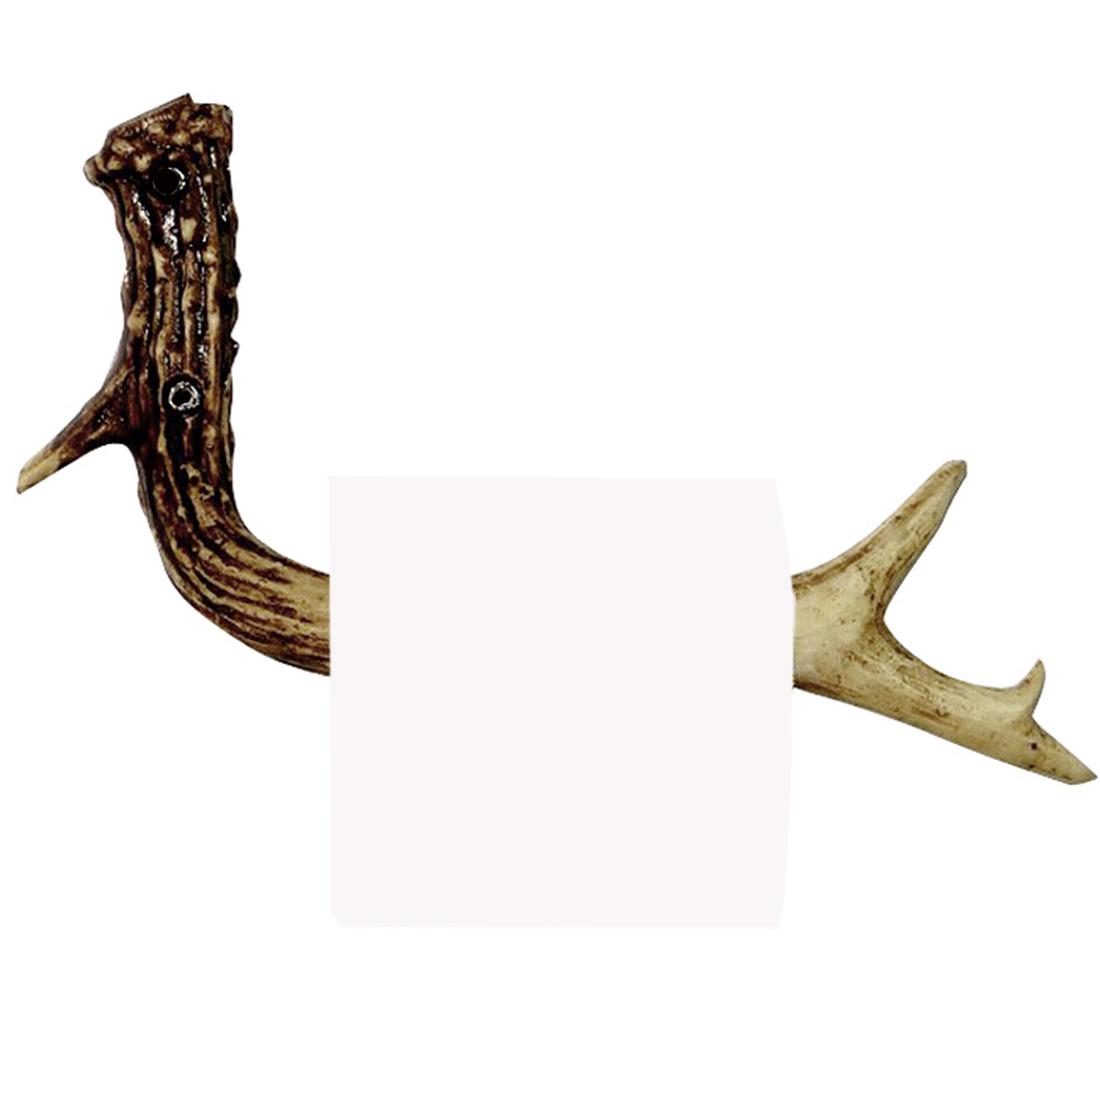 画像1: 鹿の角 トイレットペーパー ホルダー/Antler Tissue Holder (1)